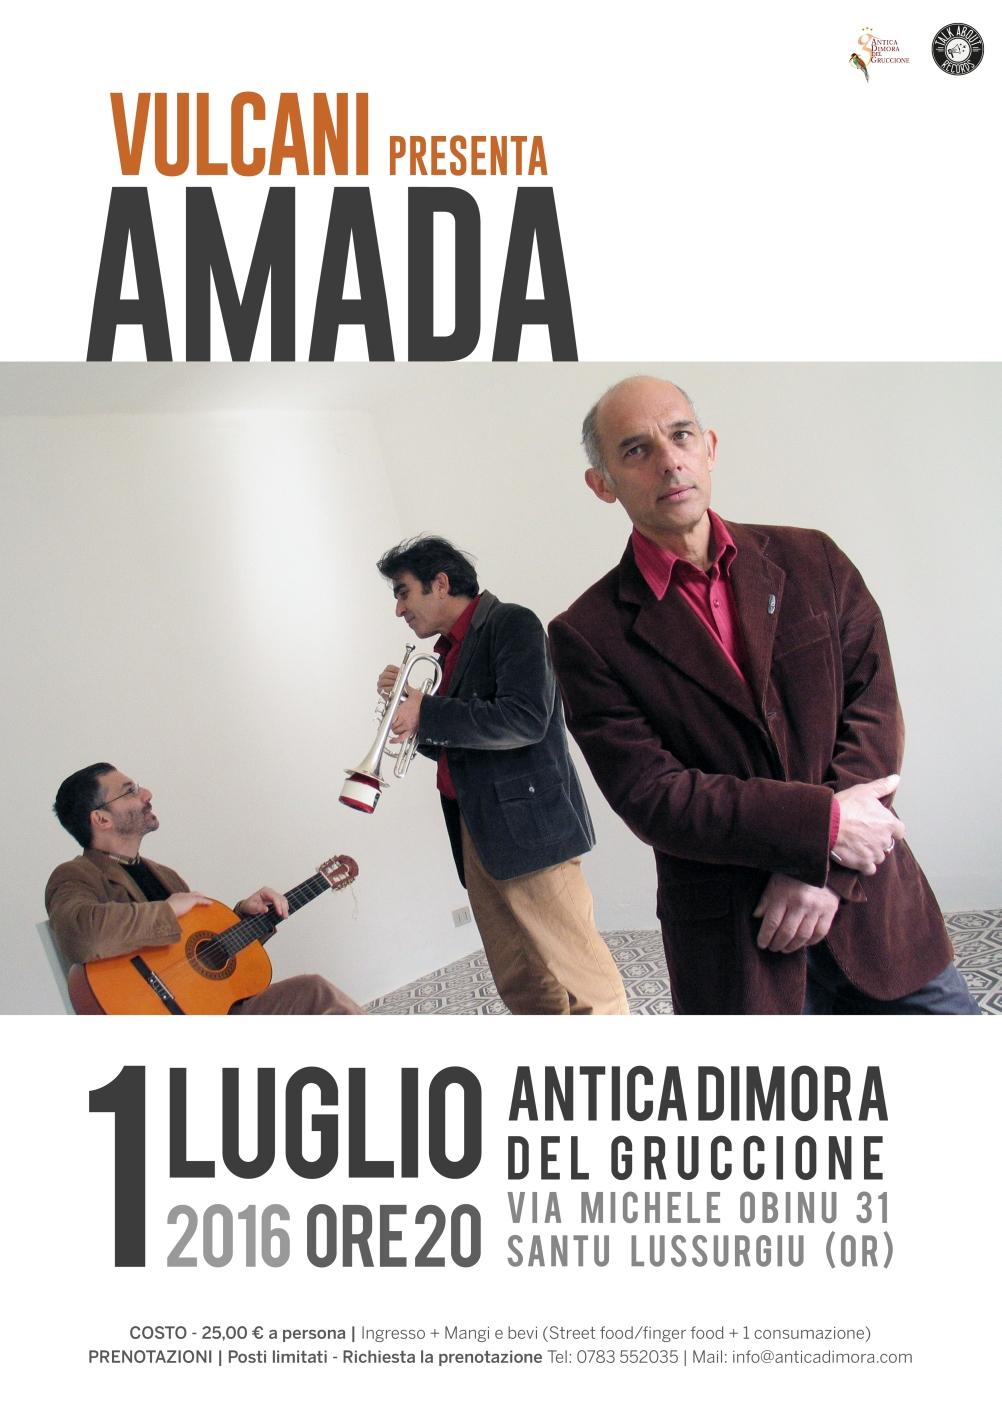 amada-03.jpg